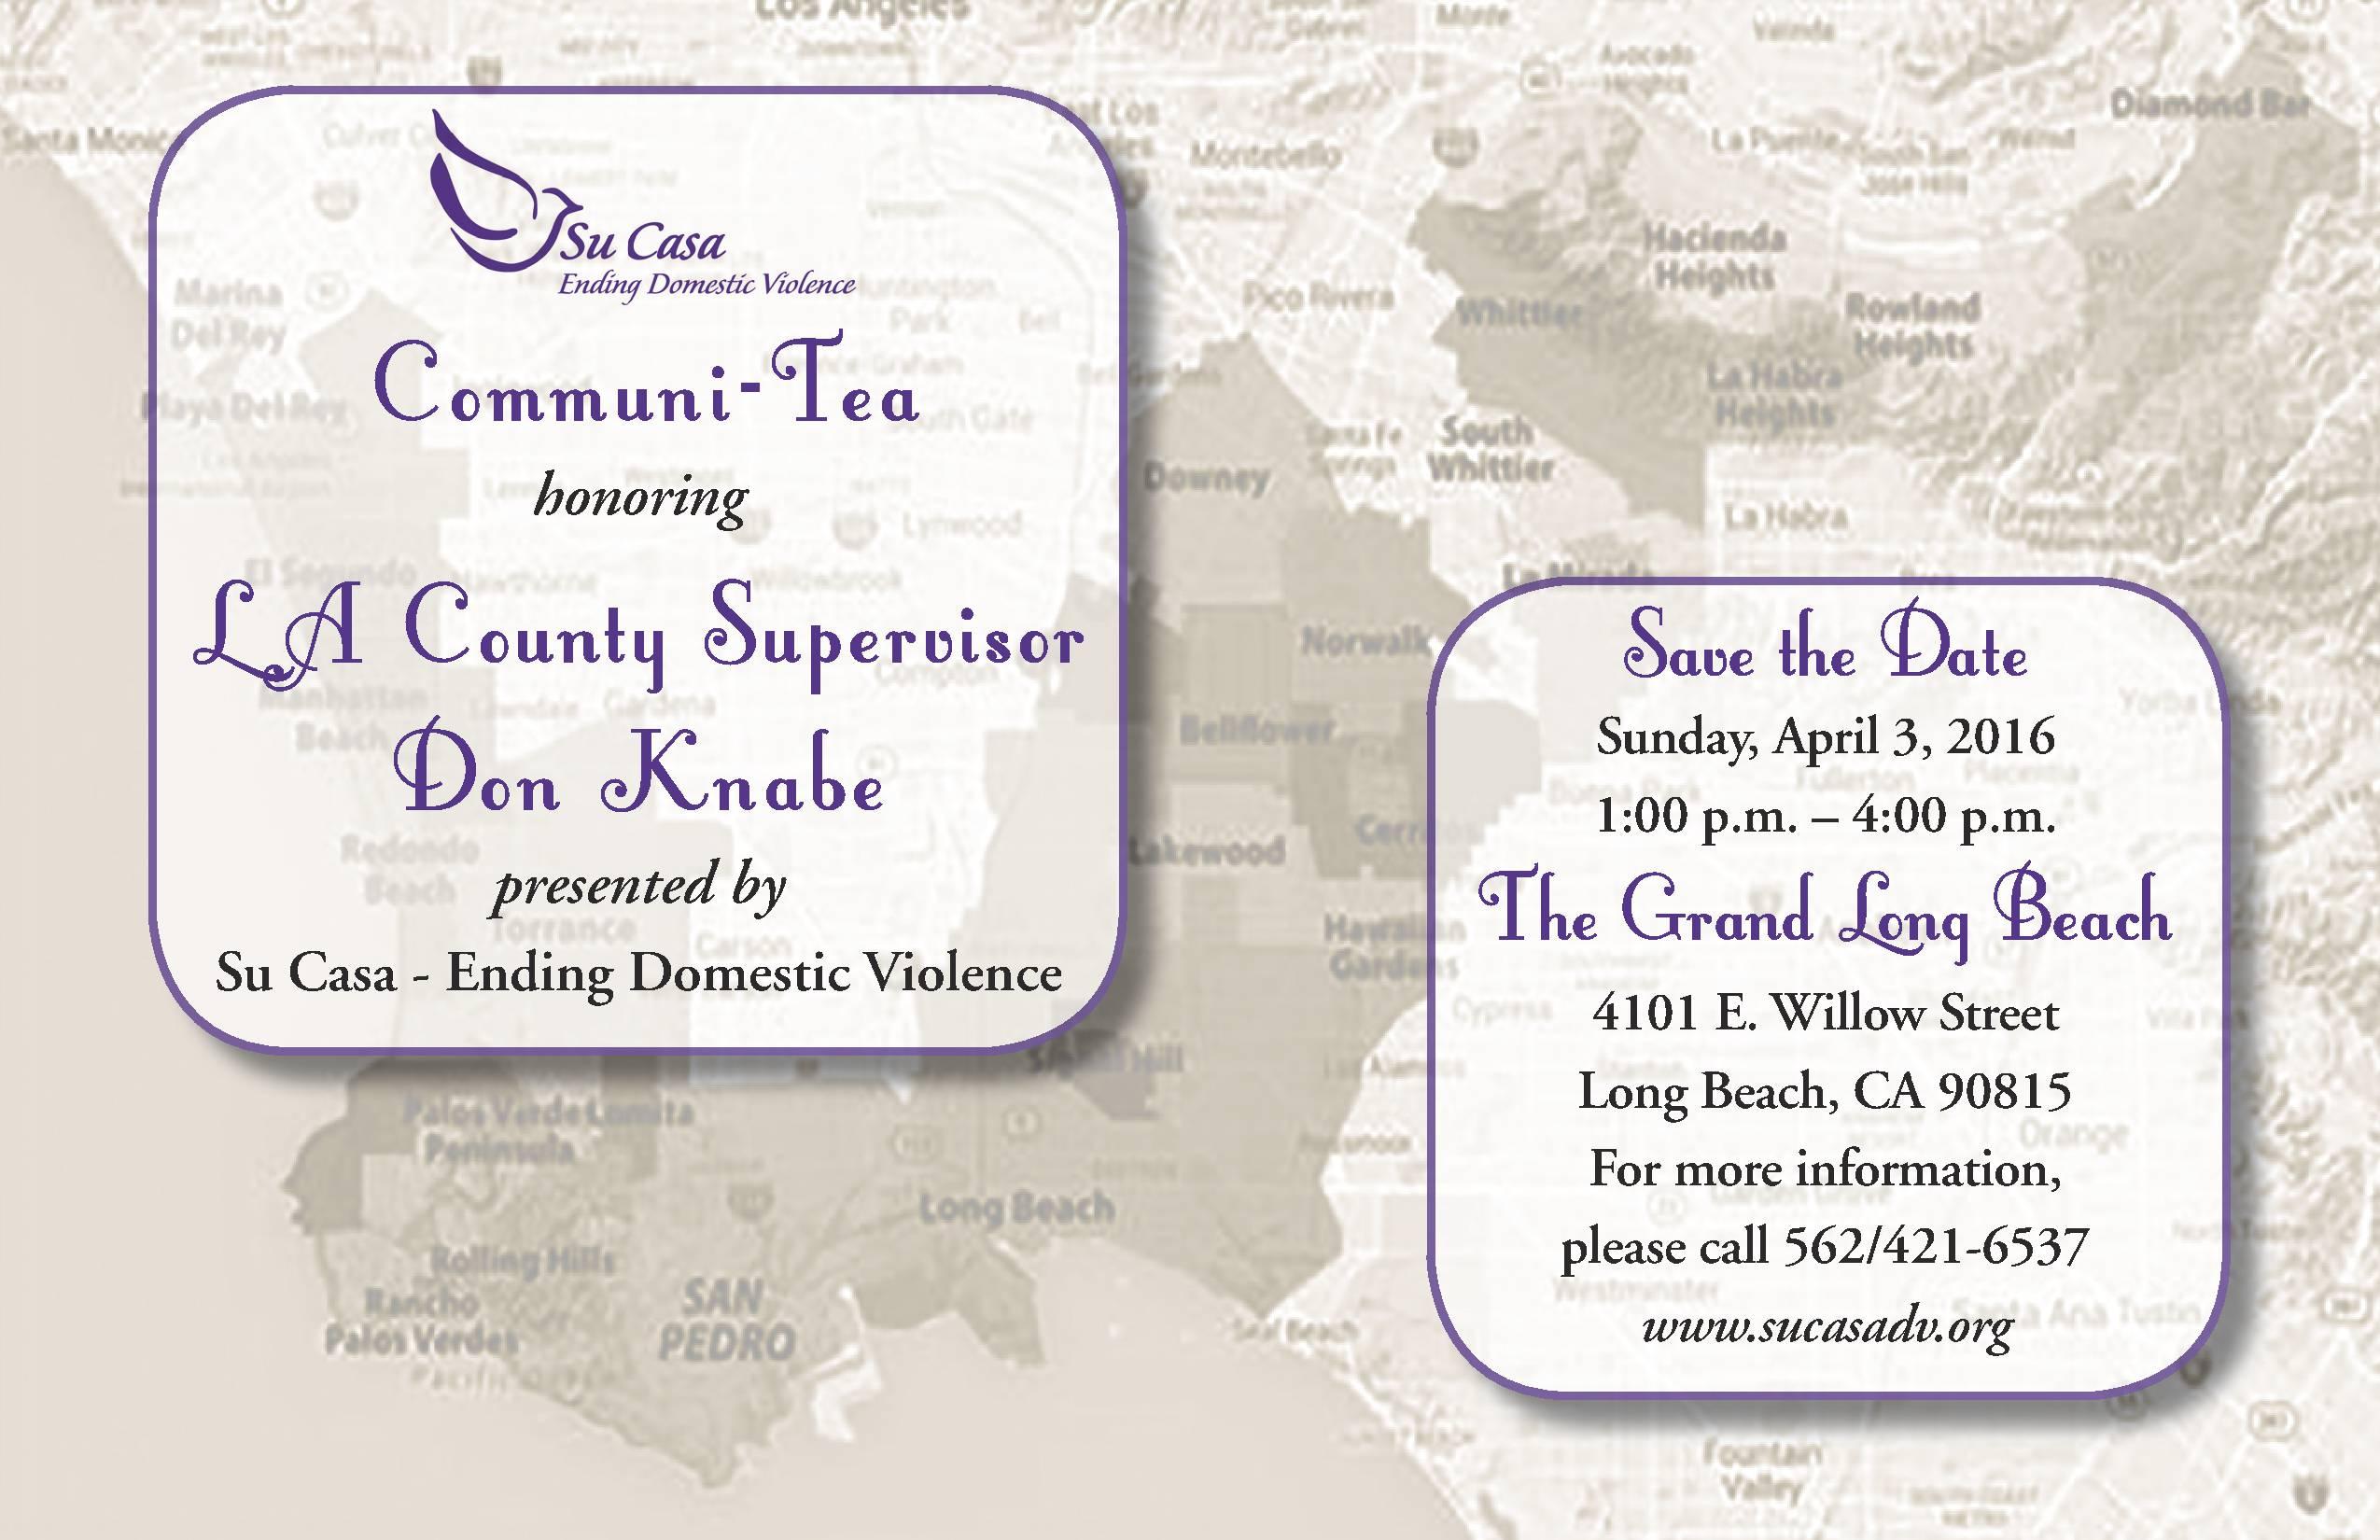 Communi-Tea 2016 Save the Date